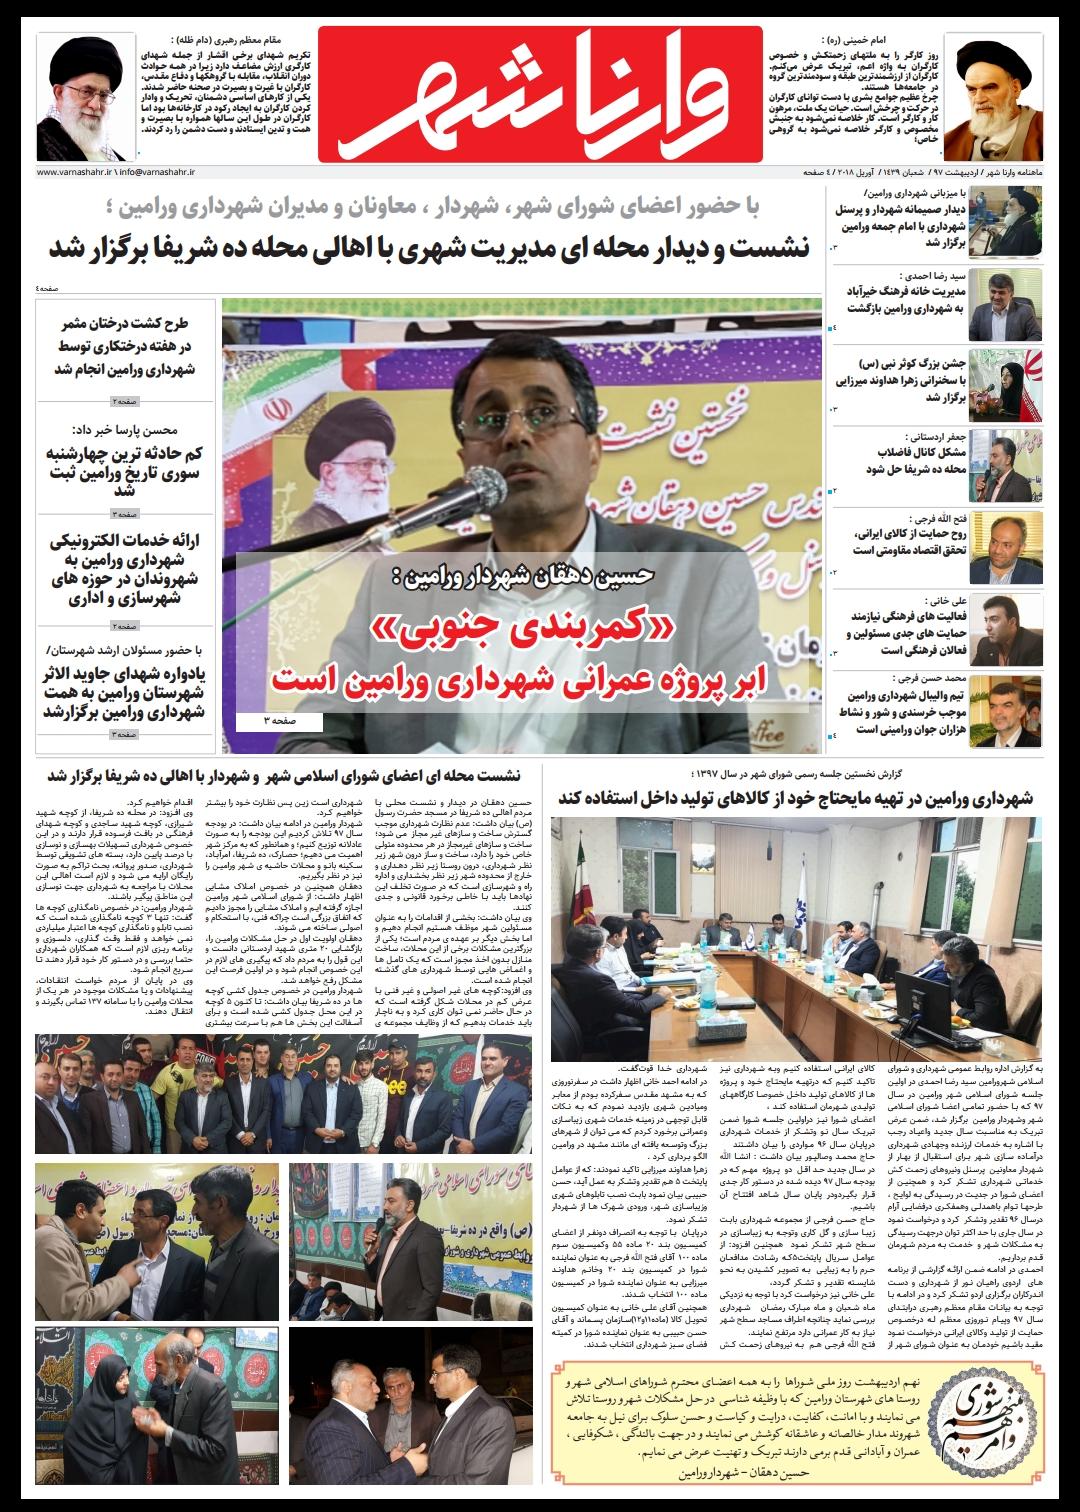 فعالیت های شهرداری ورامین در نشریه وارنا شهر منتشر شد